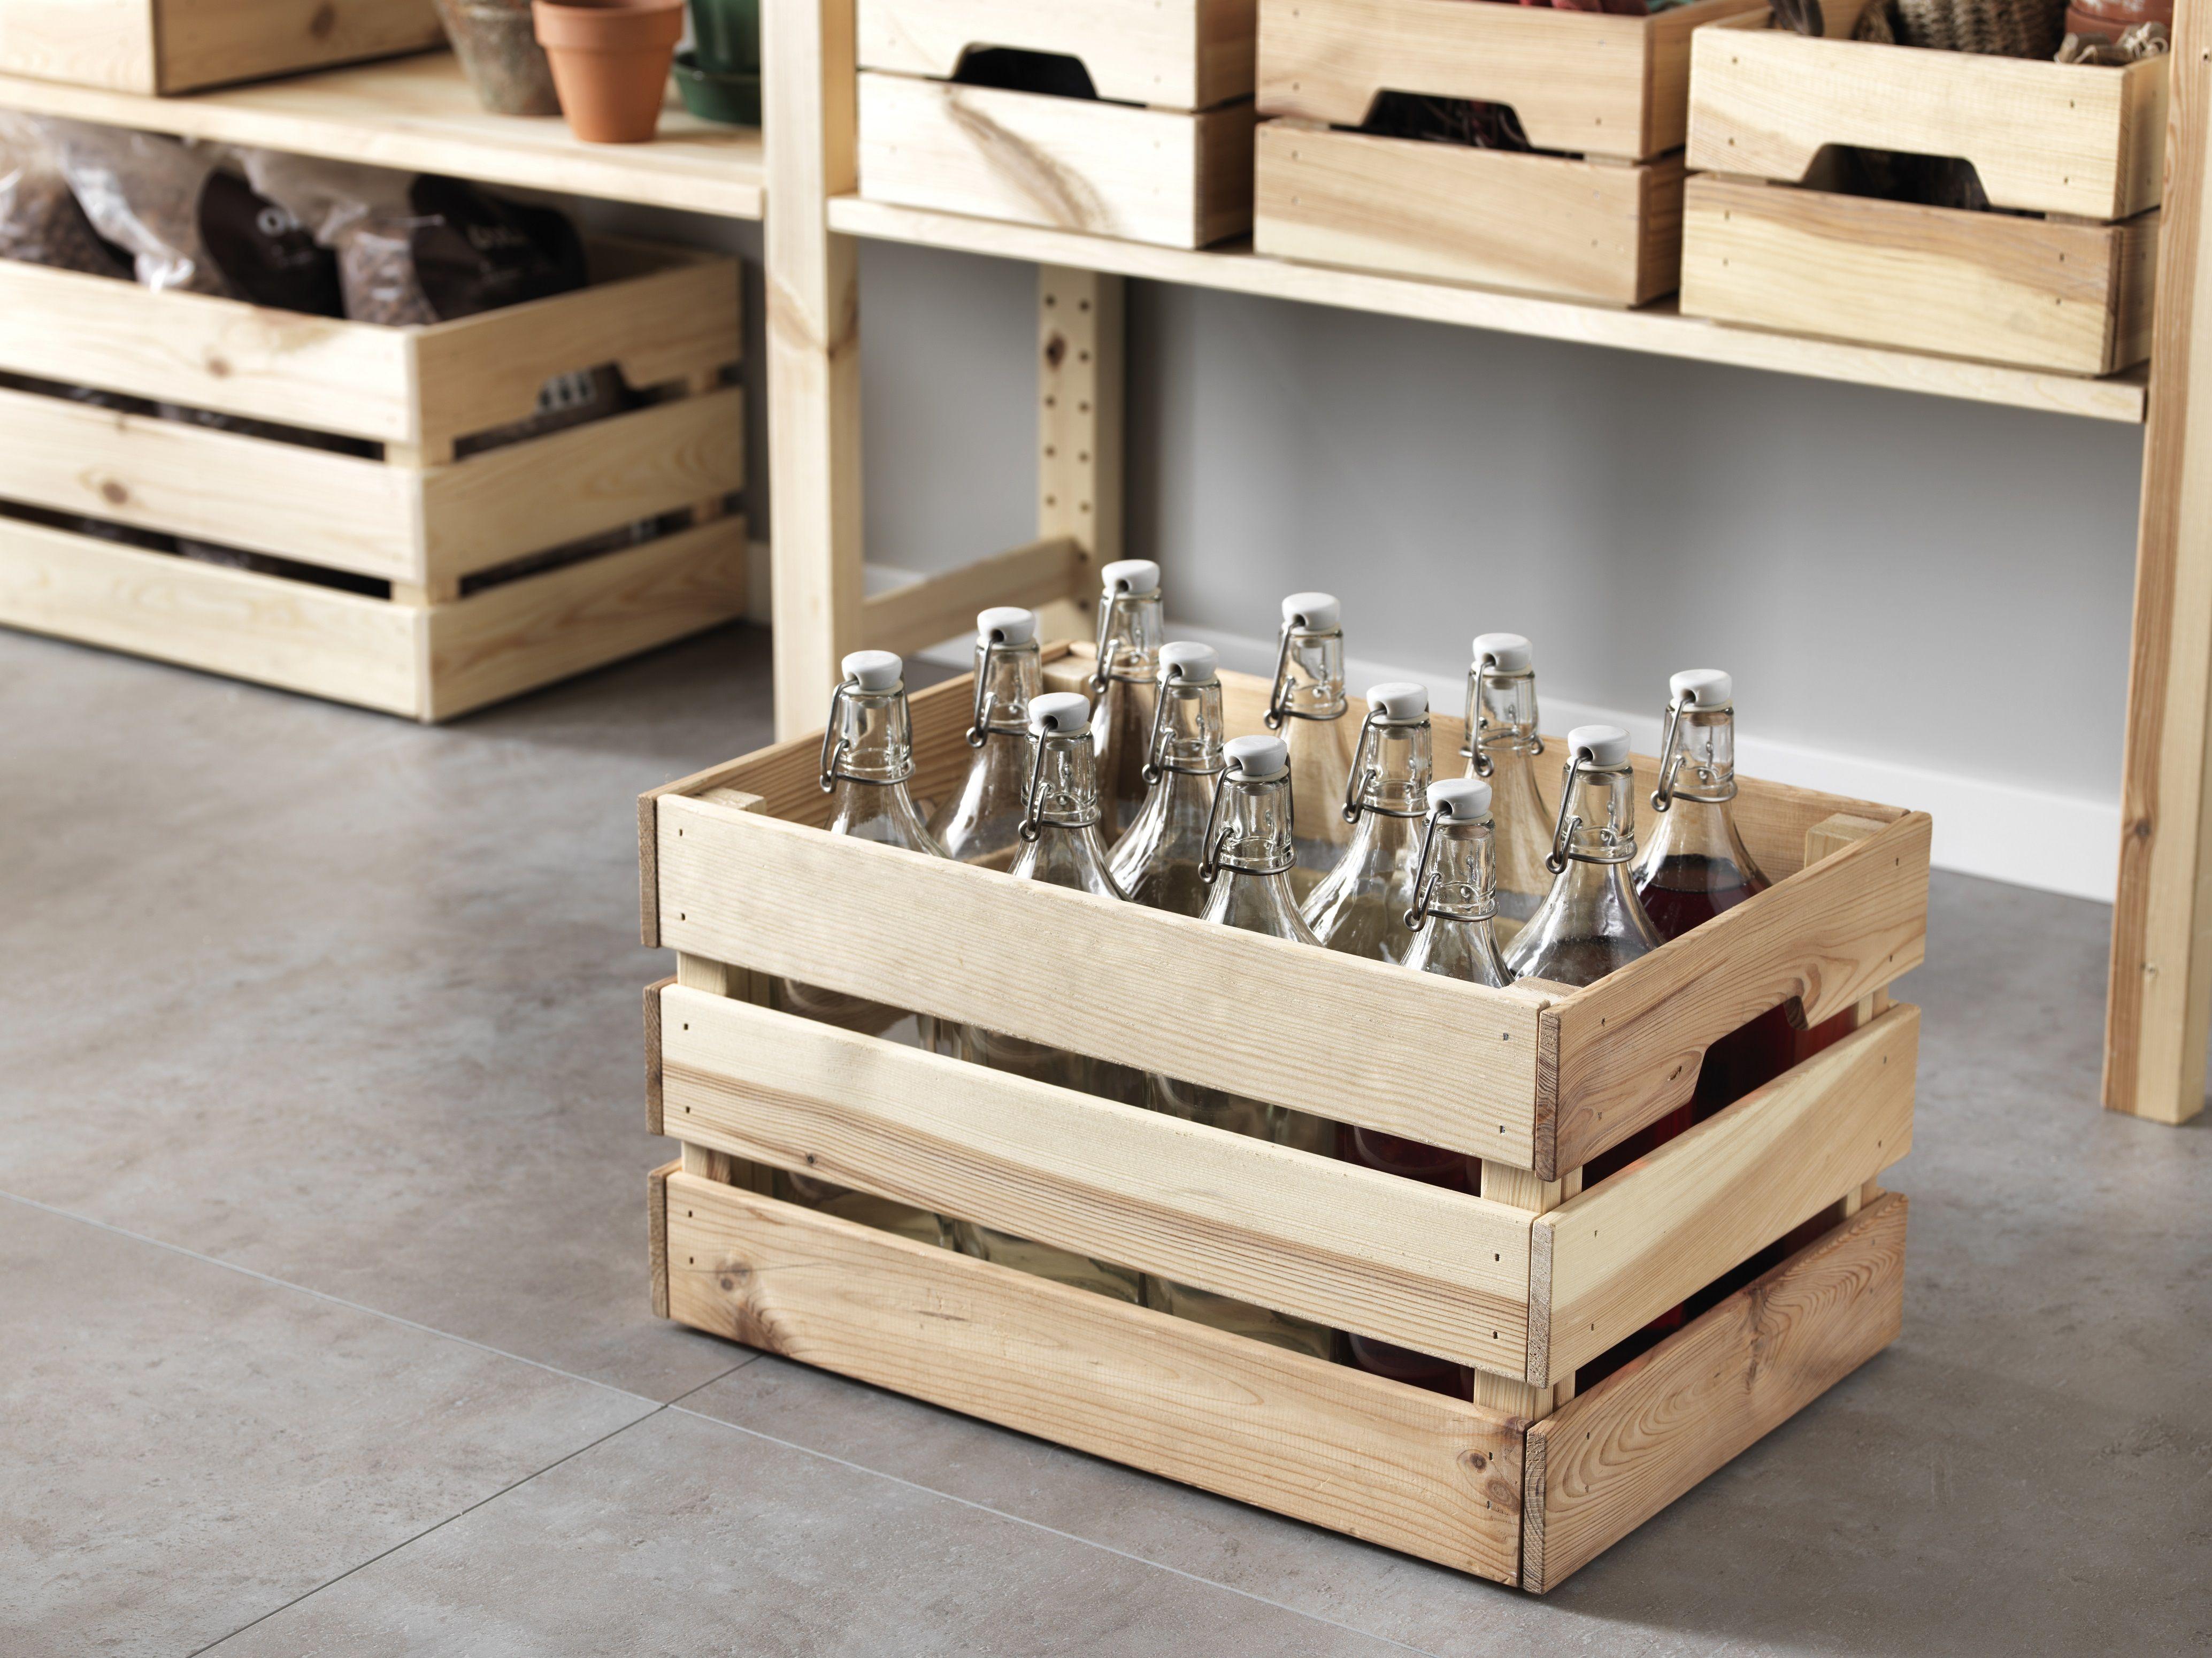 Skogsta bak ikea ikeanl opbergen opruimen krat for Ikea ladeblok hout